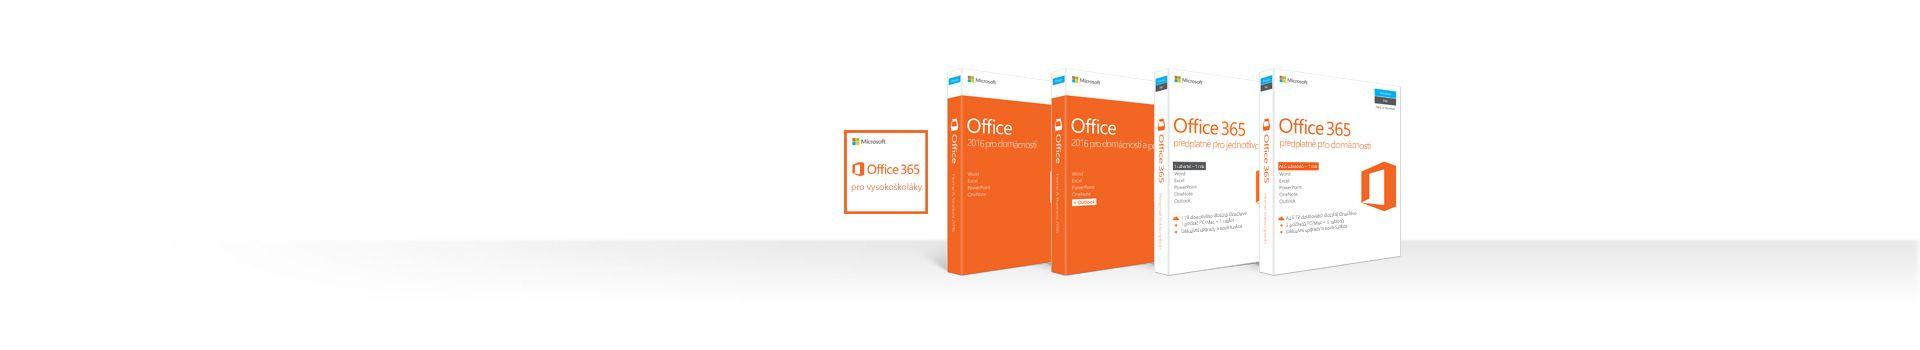 Řada krabic představující předplatná a samostatné produkty Office pro Mac